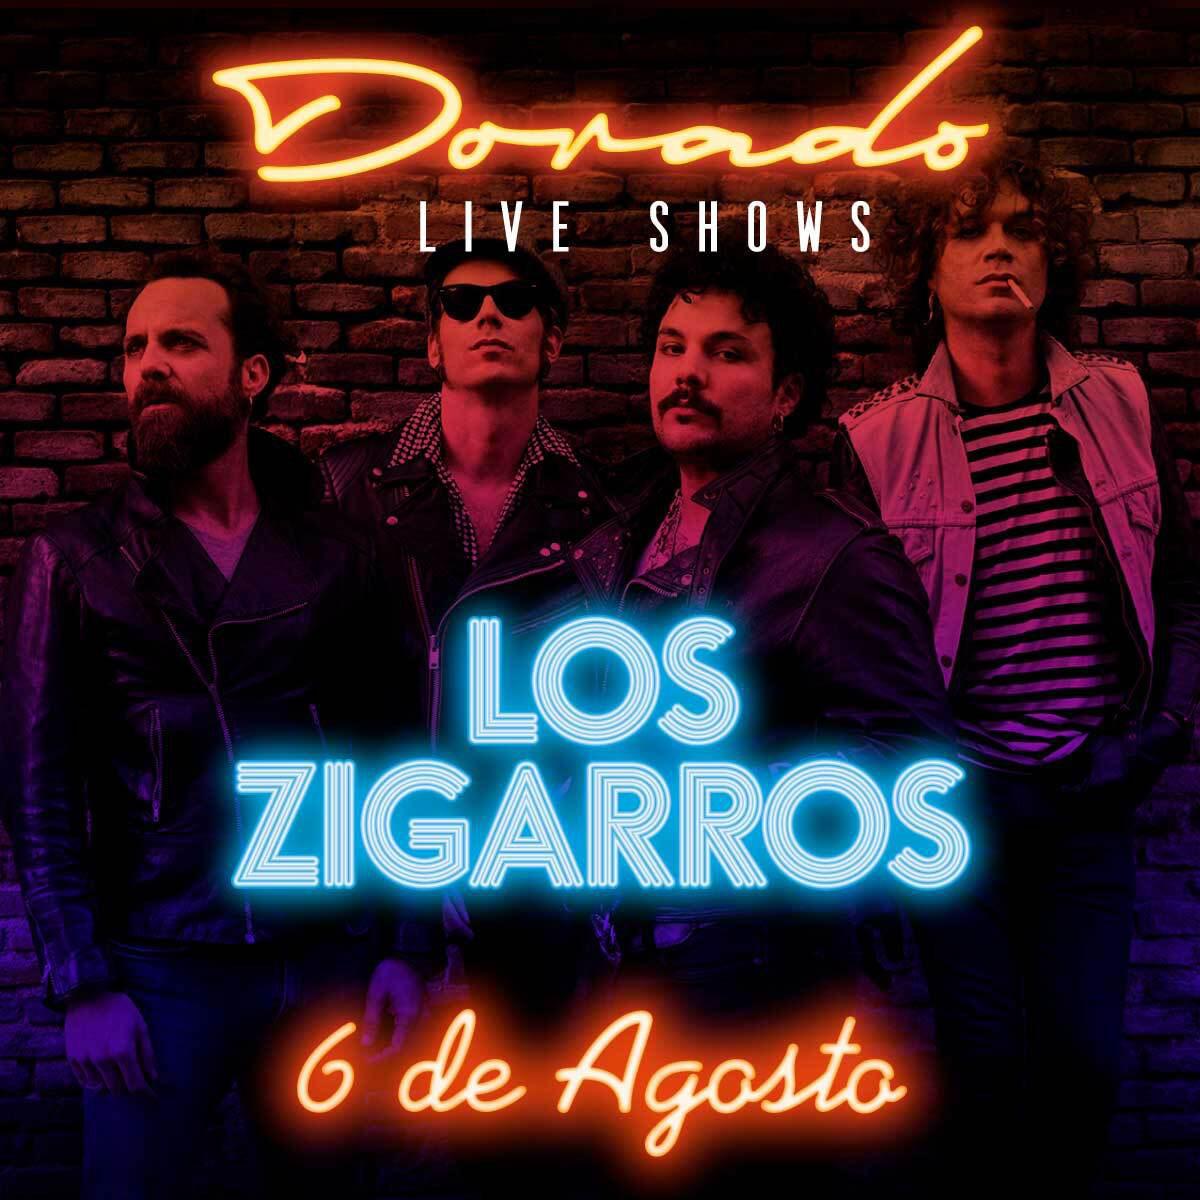 concierto-los-zigarros-dorado-live-shows-hotel-santos-ibiza-2020-welcometoibiza